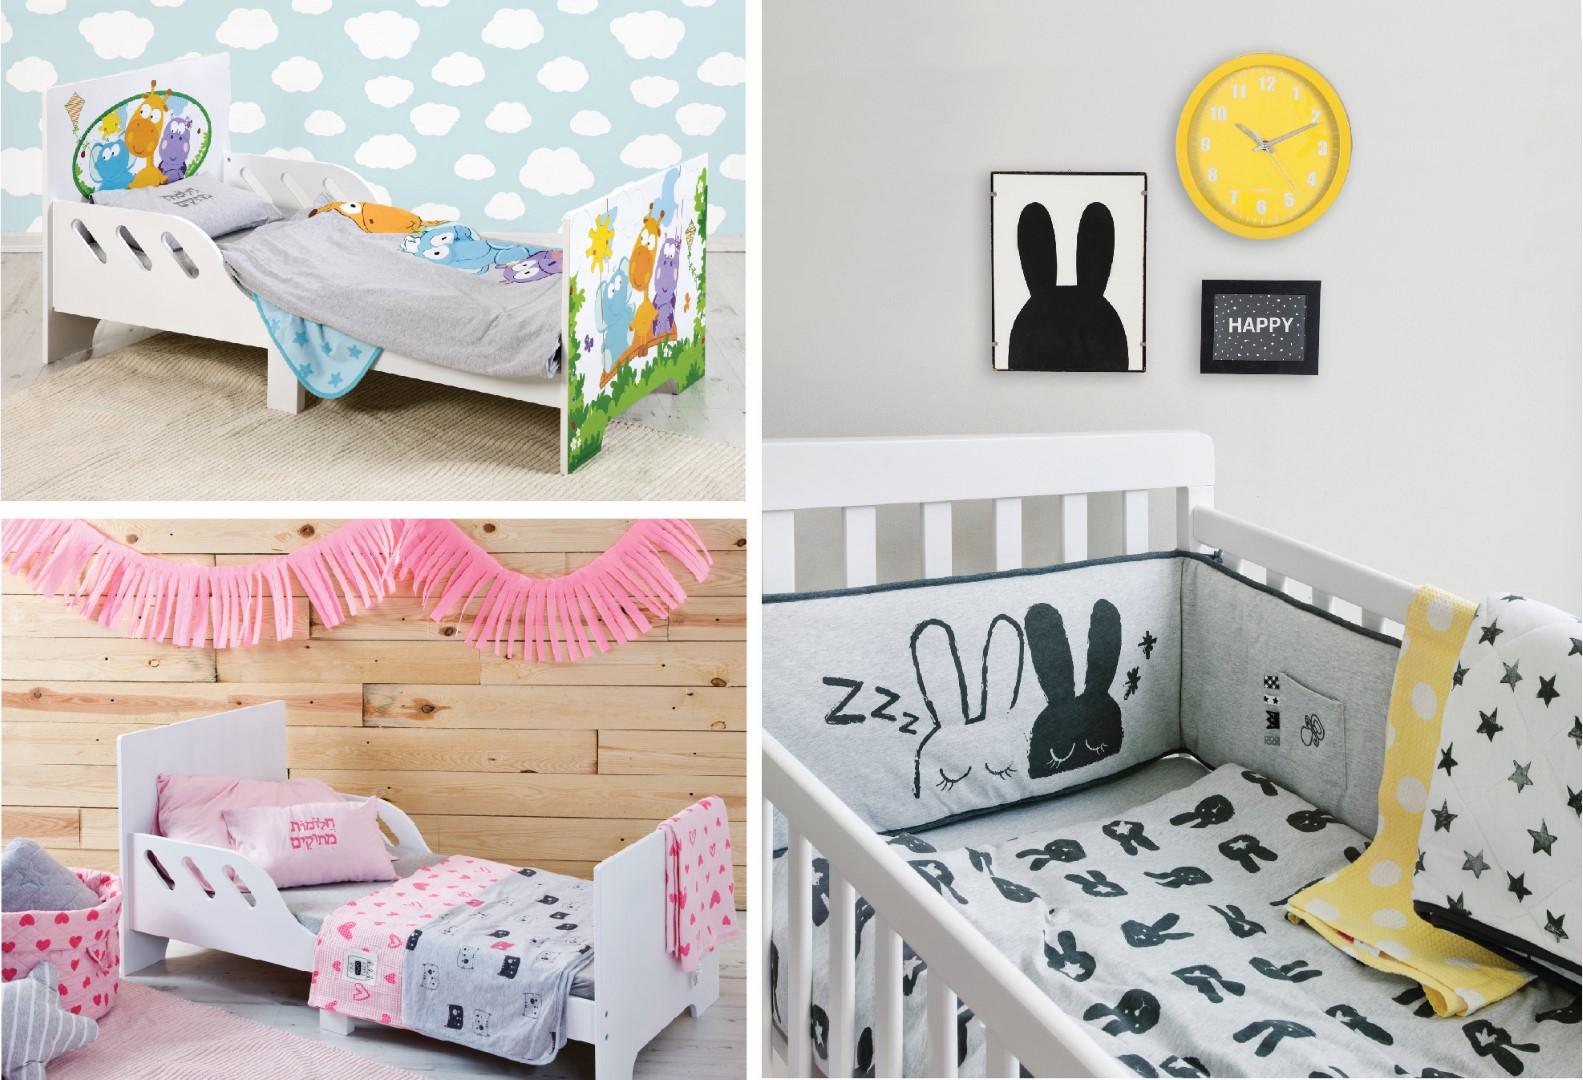 חדרי ילדים מעוצבים לשילב (צילום: דני לרנר) (צילום: דני לרנר)